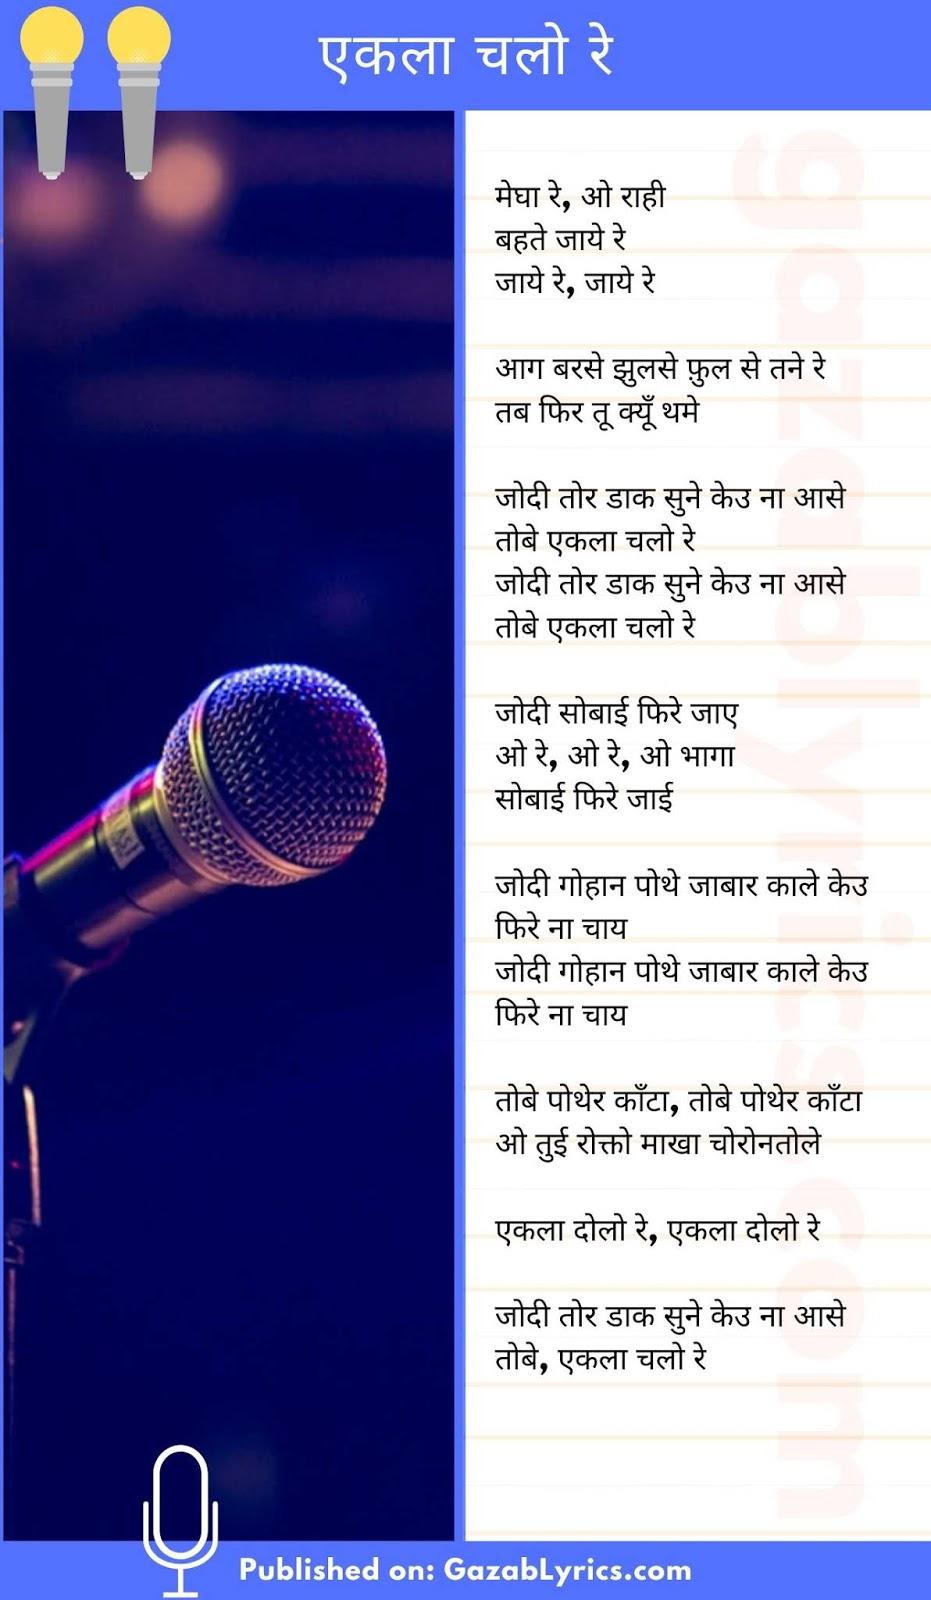 Ekla Chalo Re song lyrics image